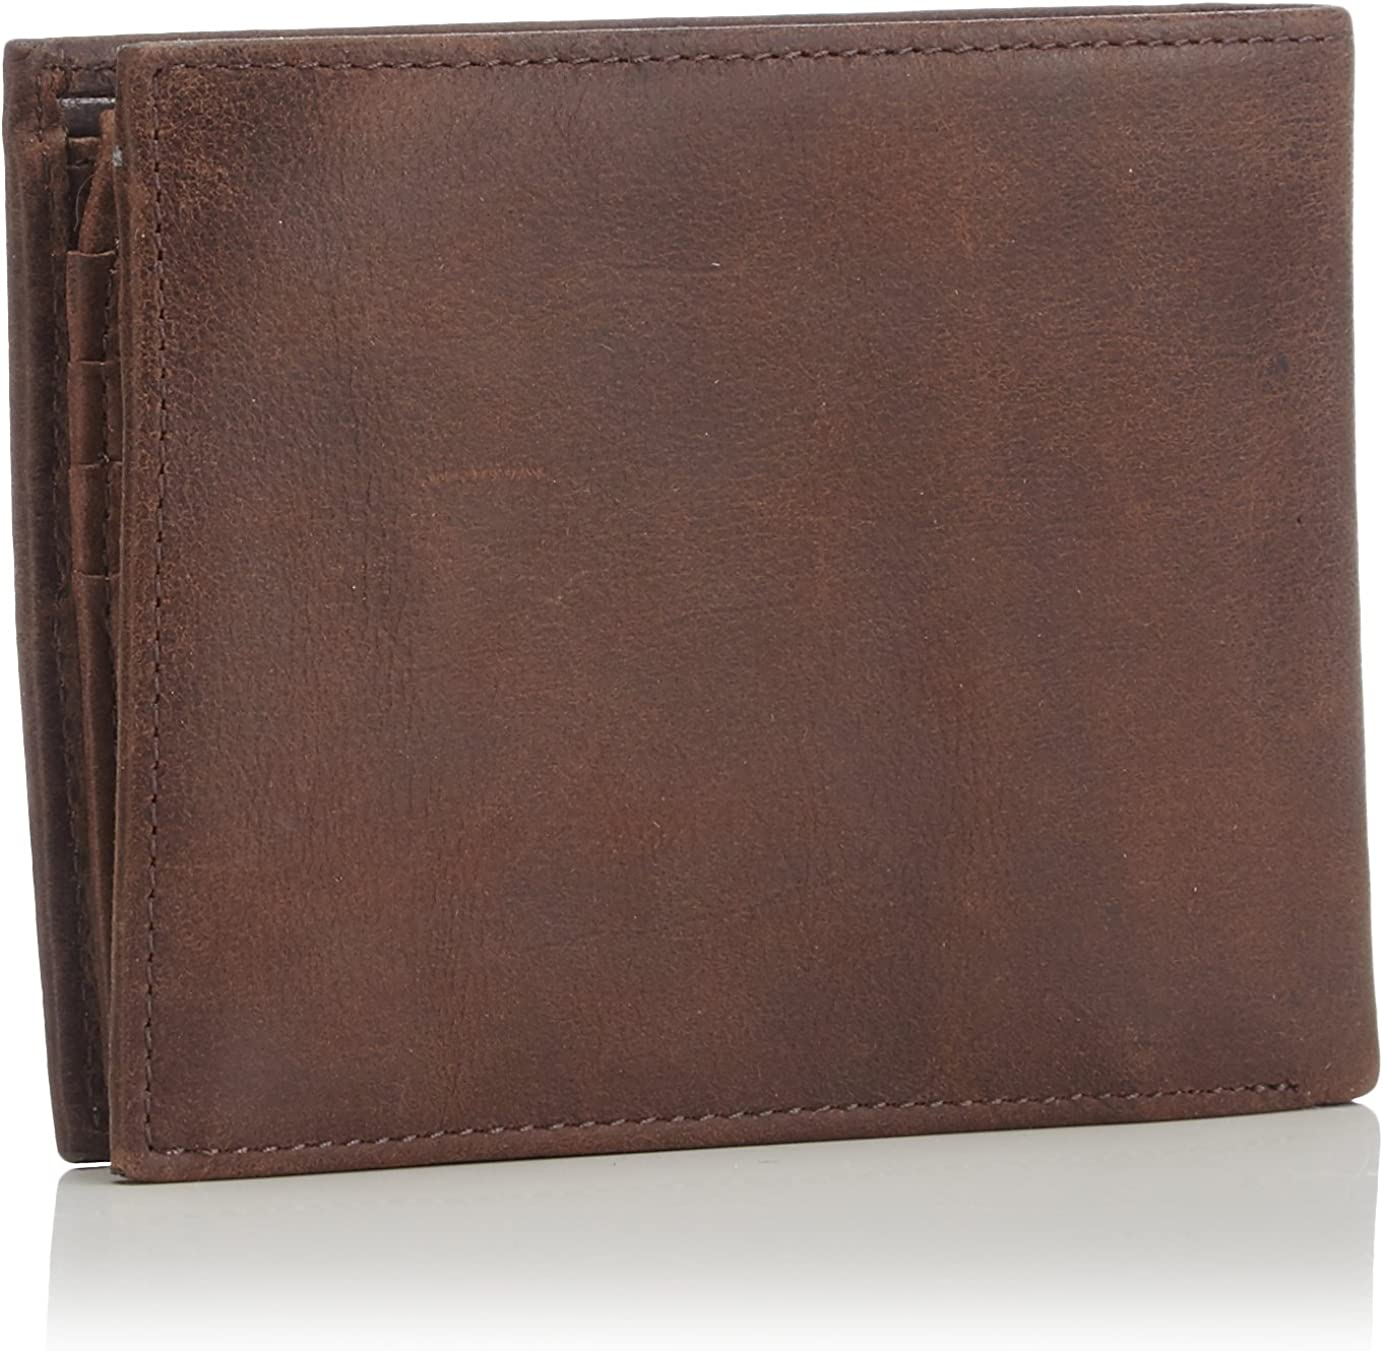 Tommy Hilfiger Johnson CC Flap And Coin Pocket, Porta Carte di Credito Uomo, Multicolore, 13x10x2 cm (B x H x T)